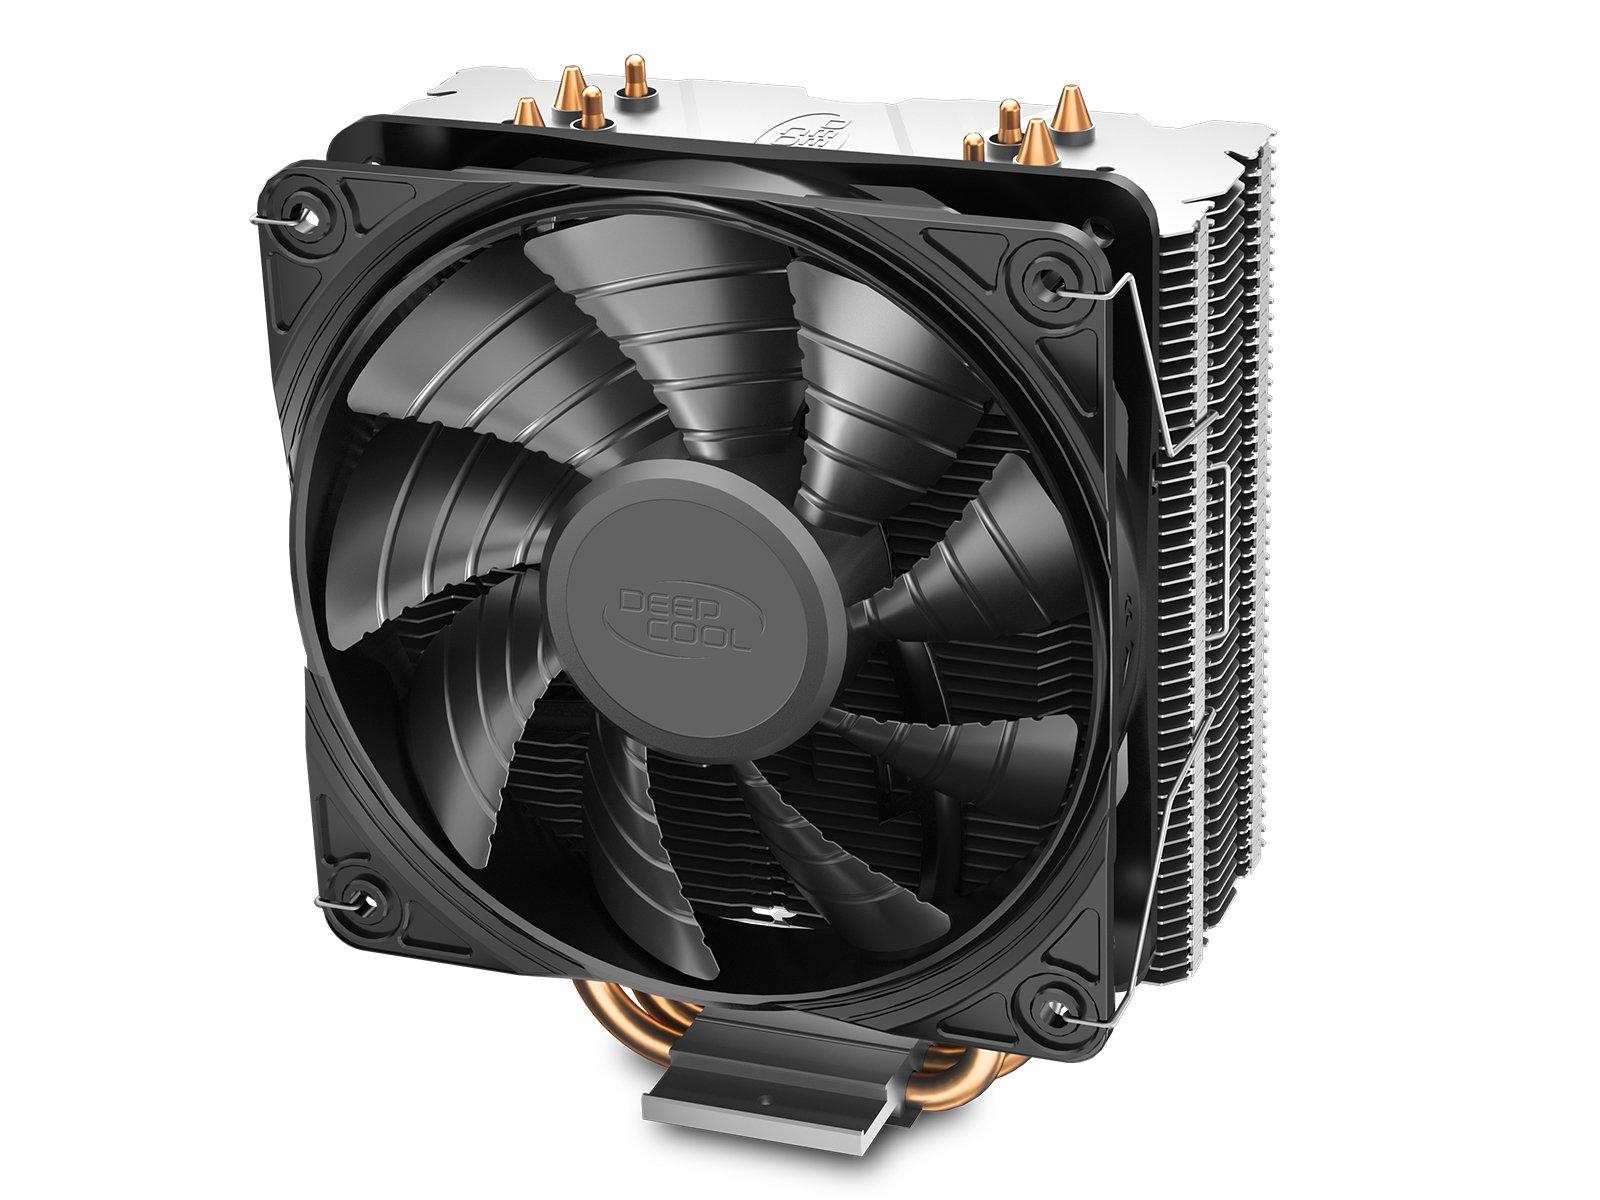 Ψύκτρα Silent CPU Gammaxx 400S Silent Black For Intel/AMD Deepcool  image